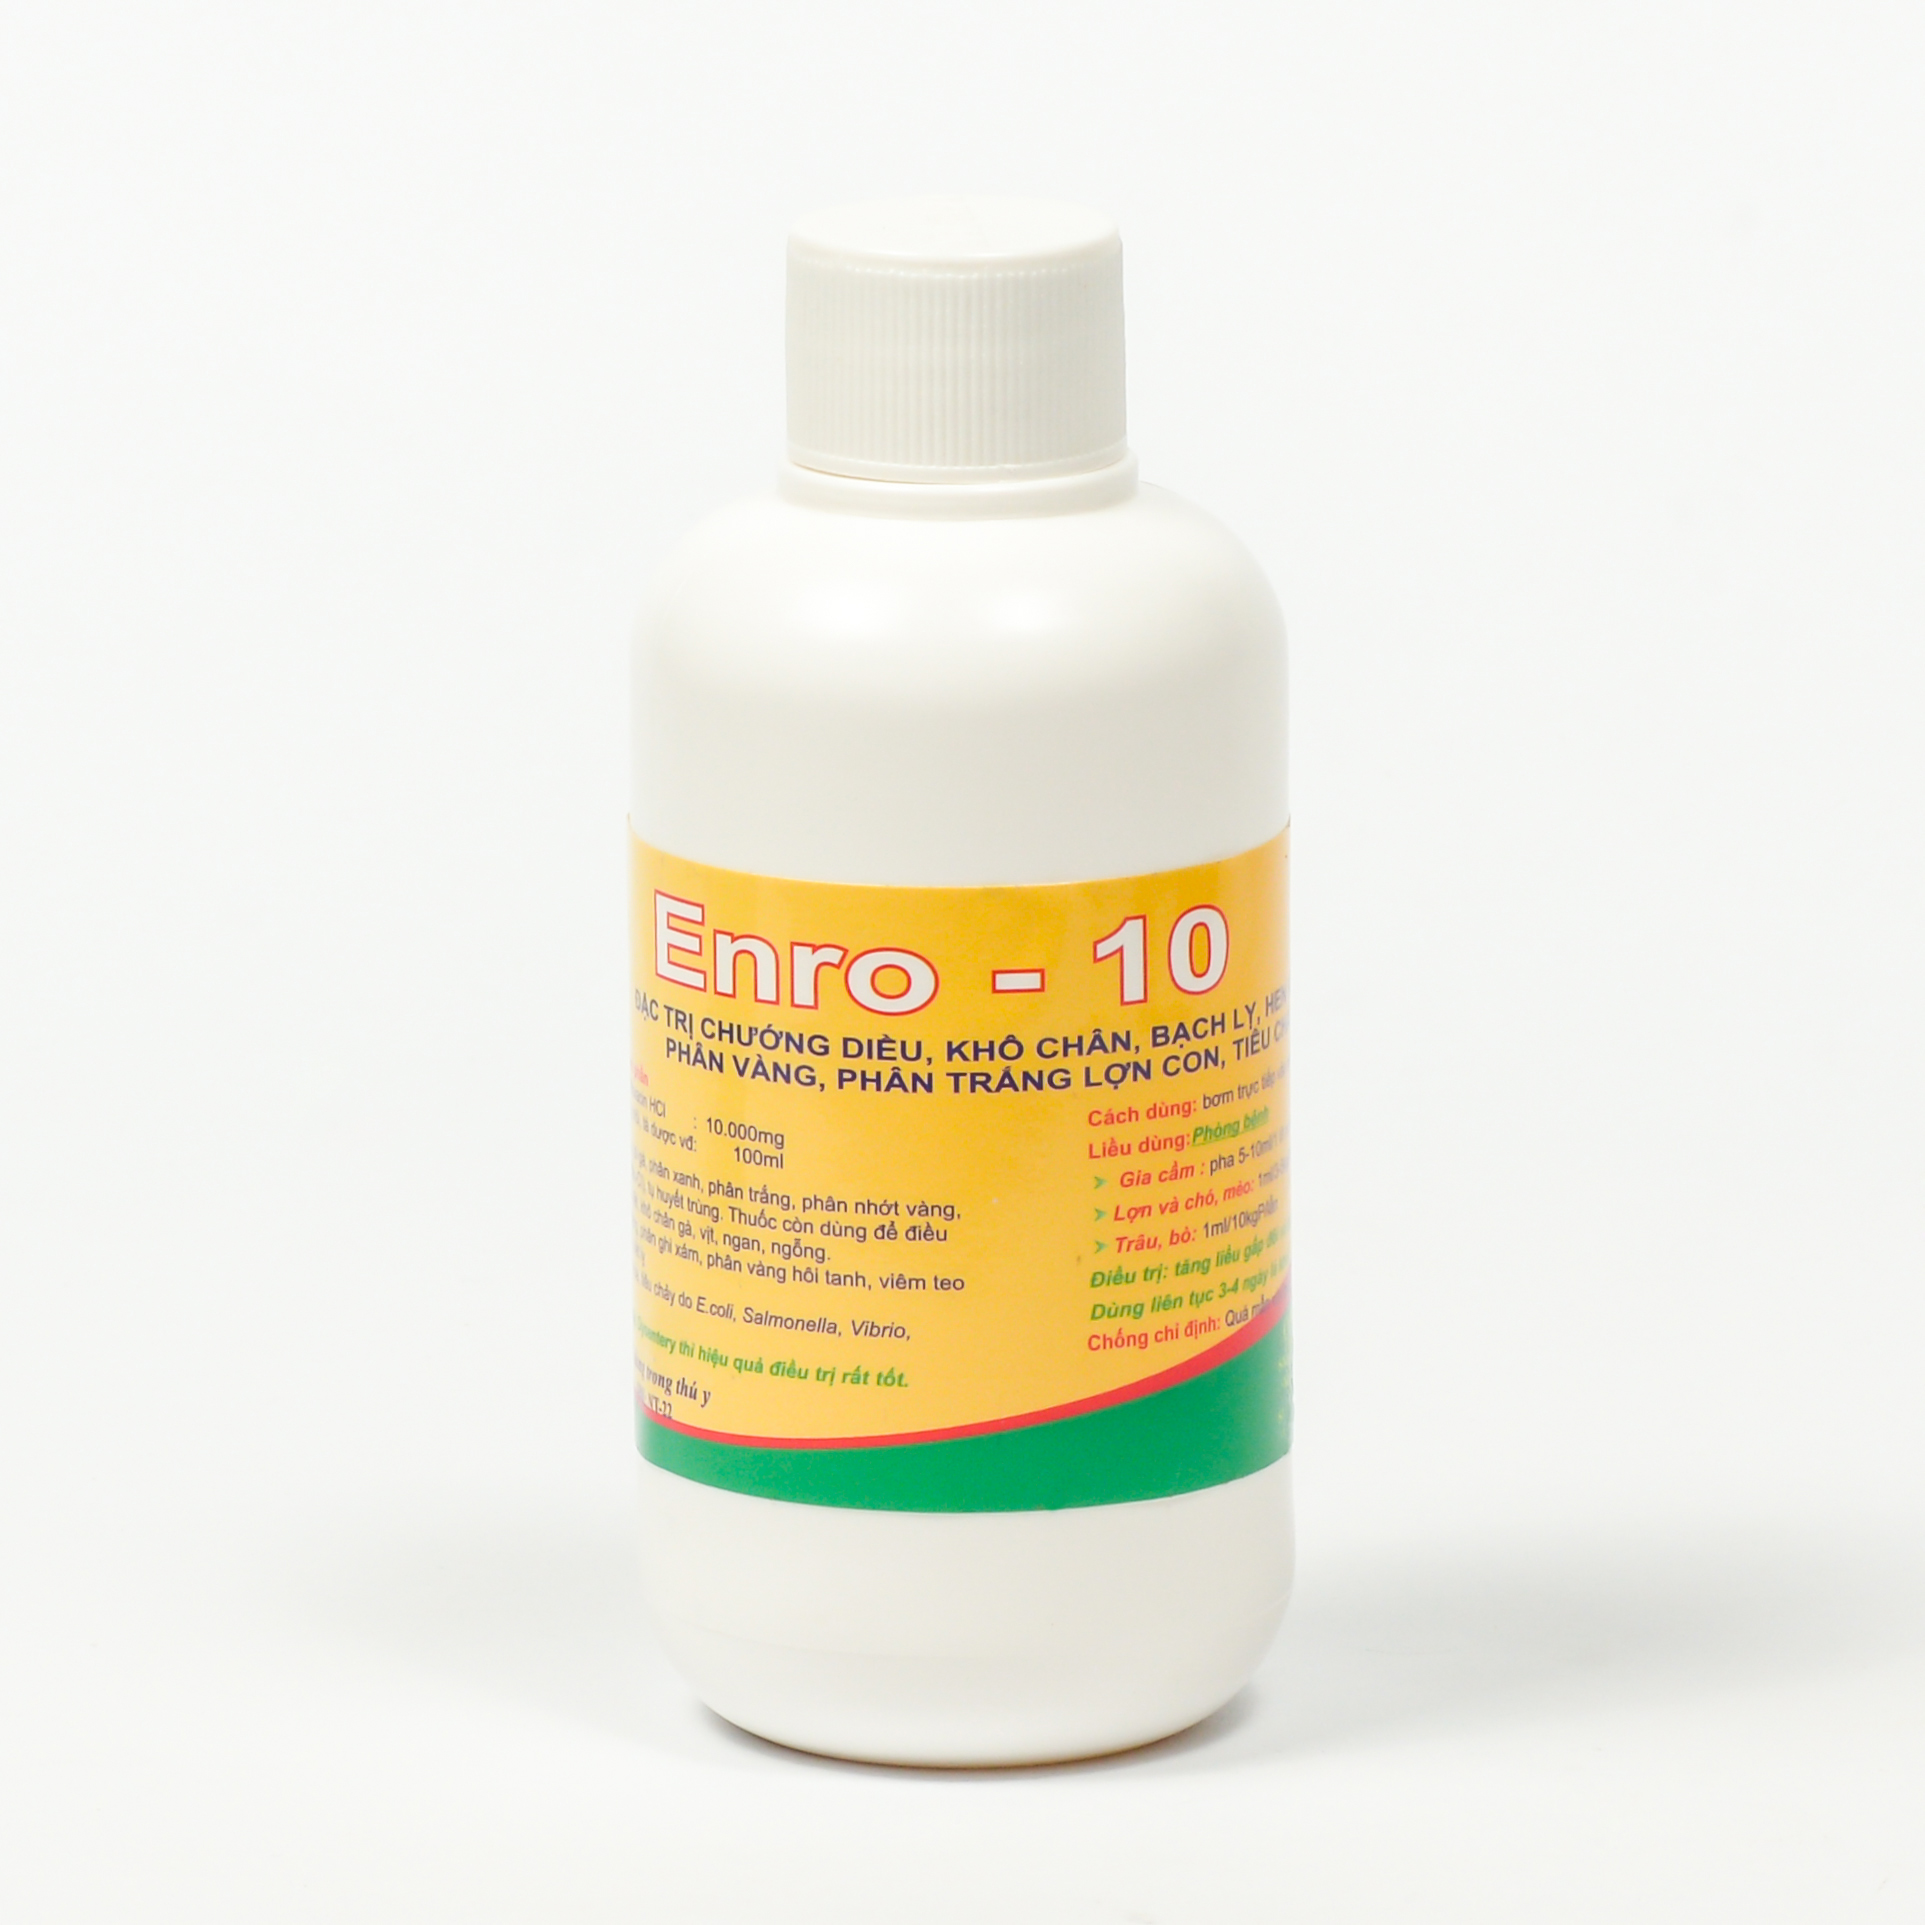 Enro – 10